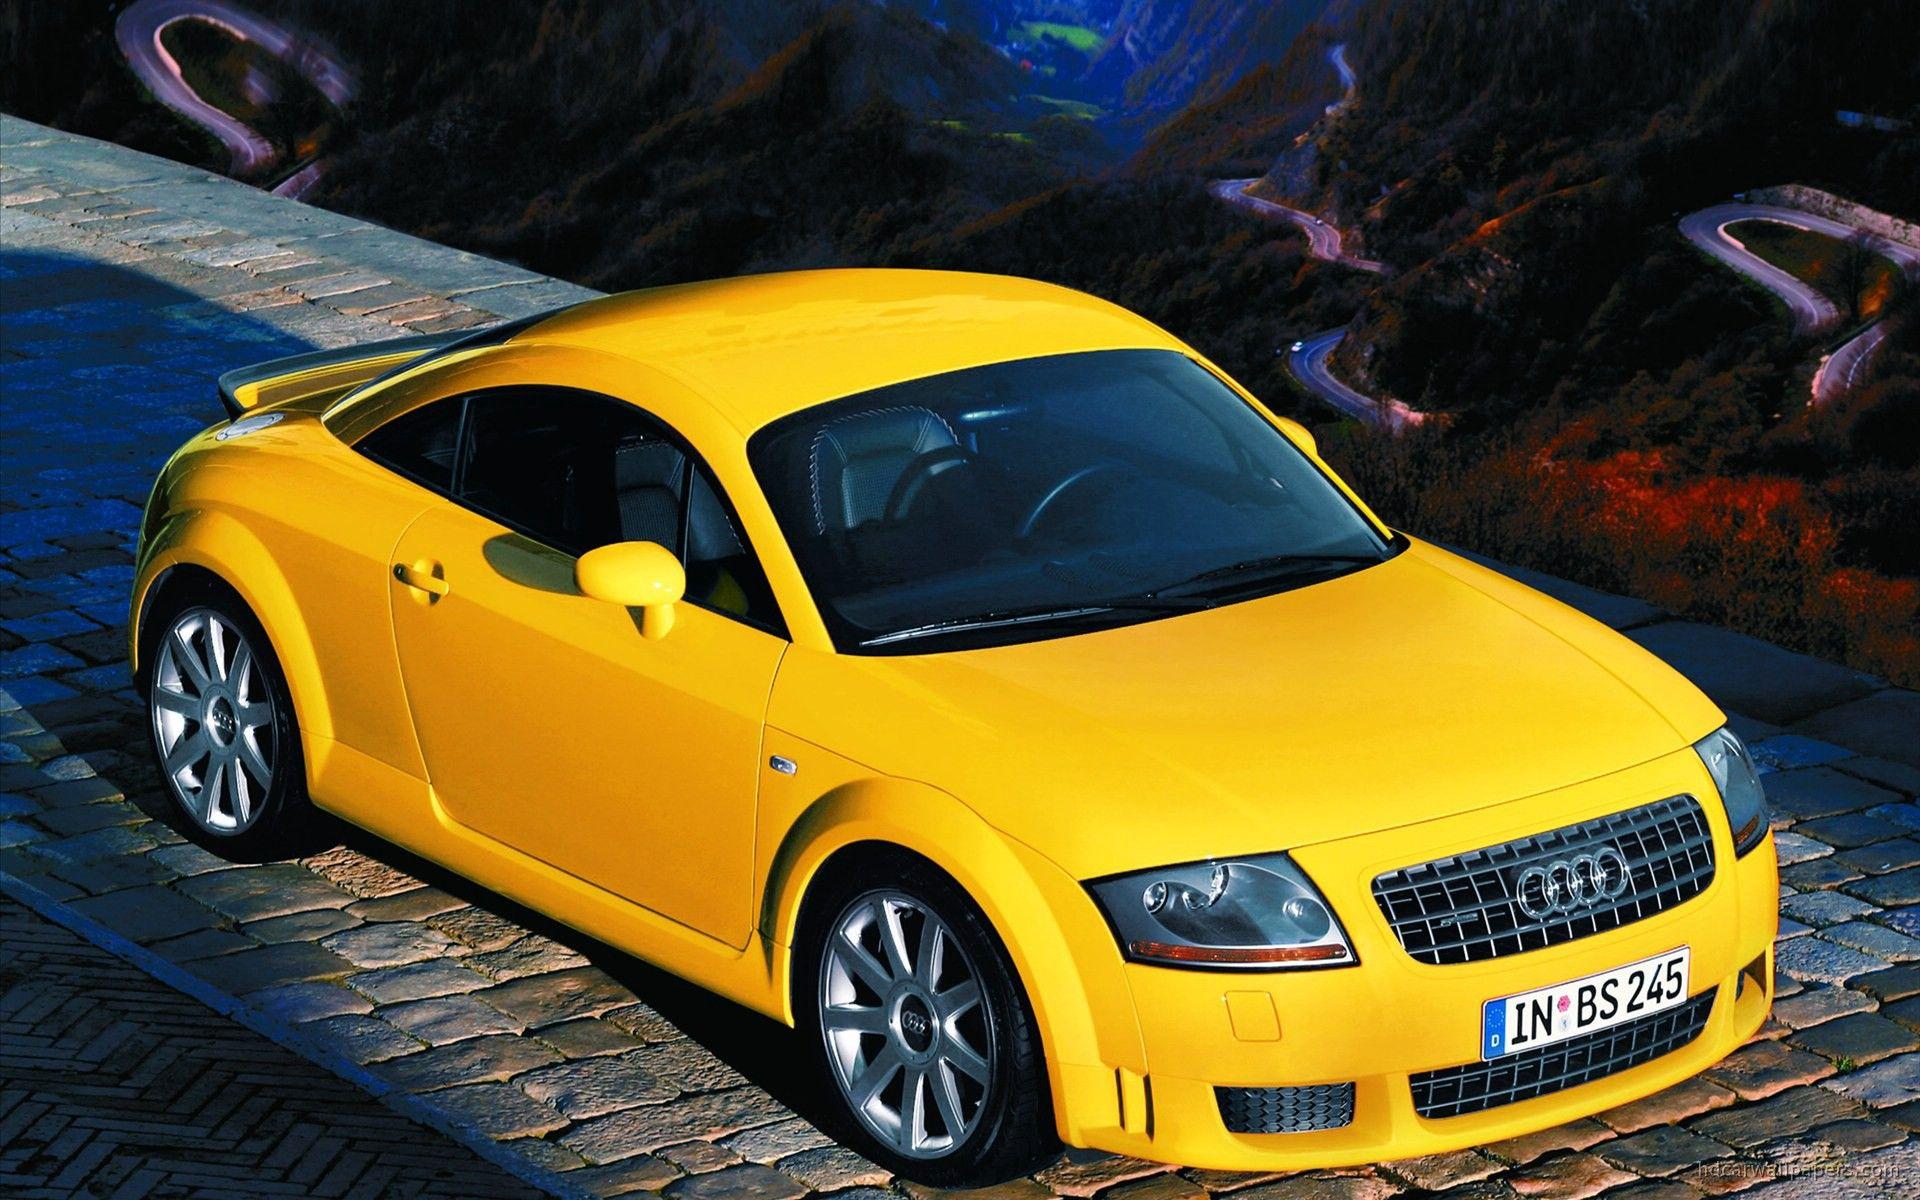 2000 Audi Tt 2000 Audi Tt Quattro Photo Wallpaper Audi